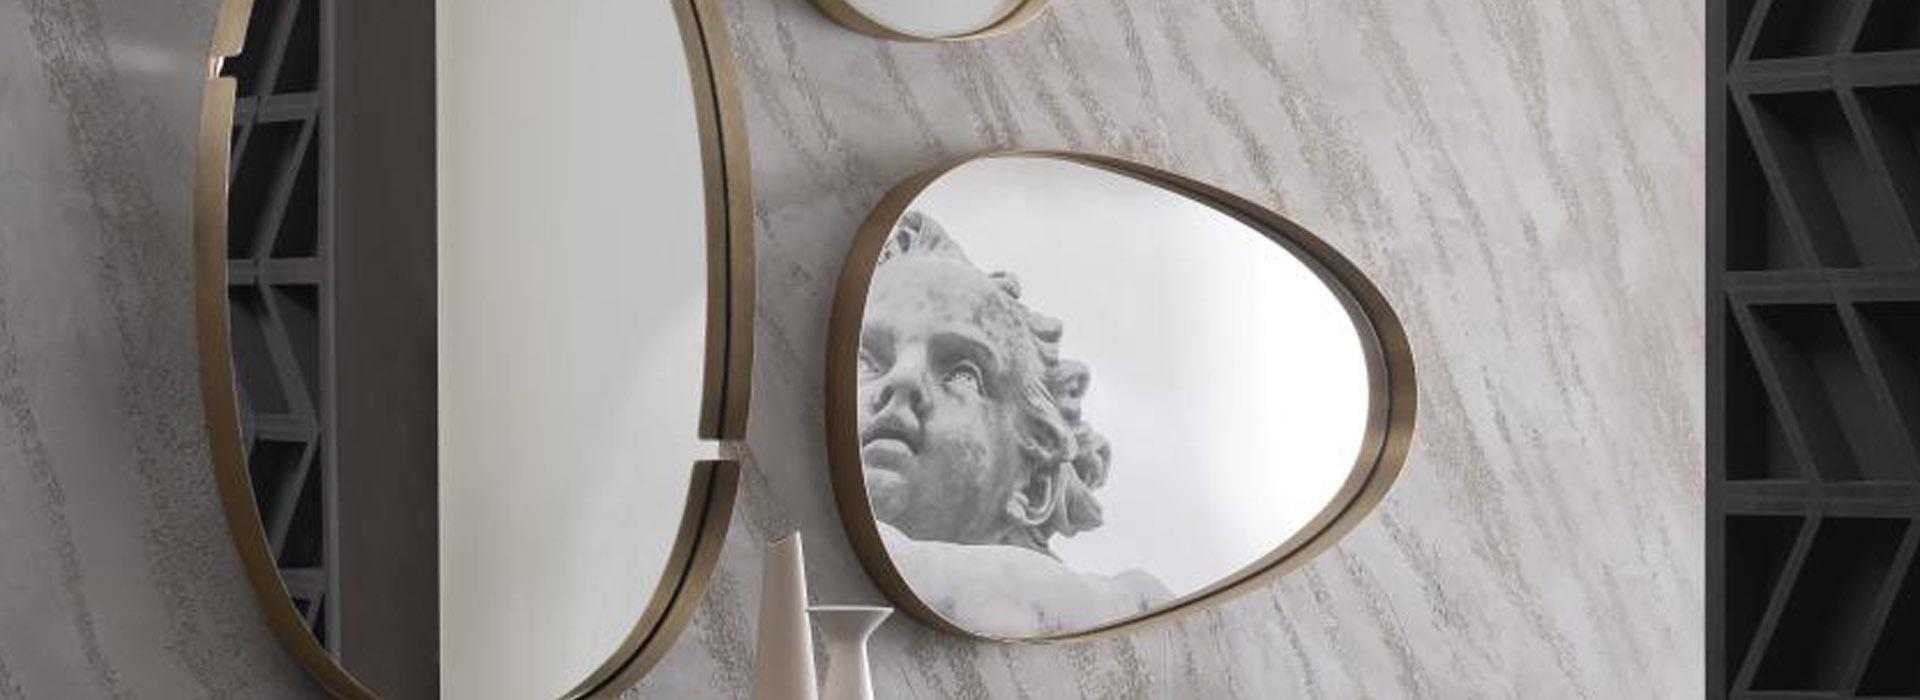 Lumiere – Specchi – Riflessi